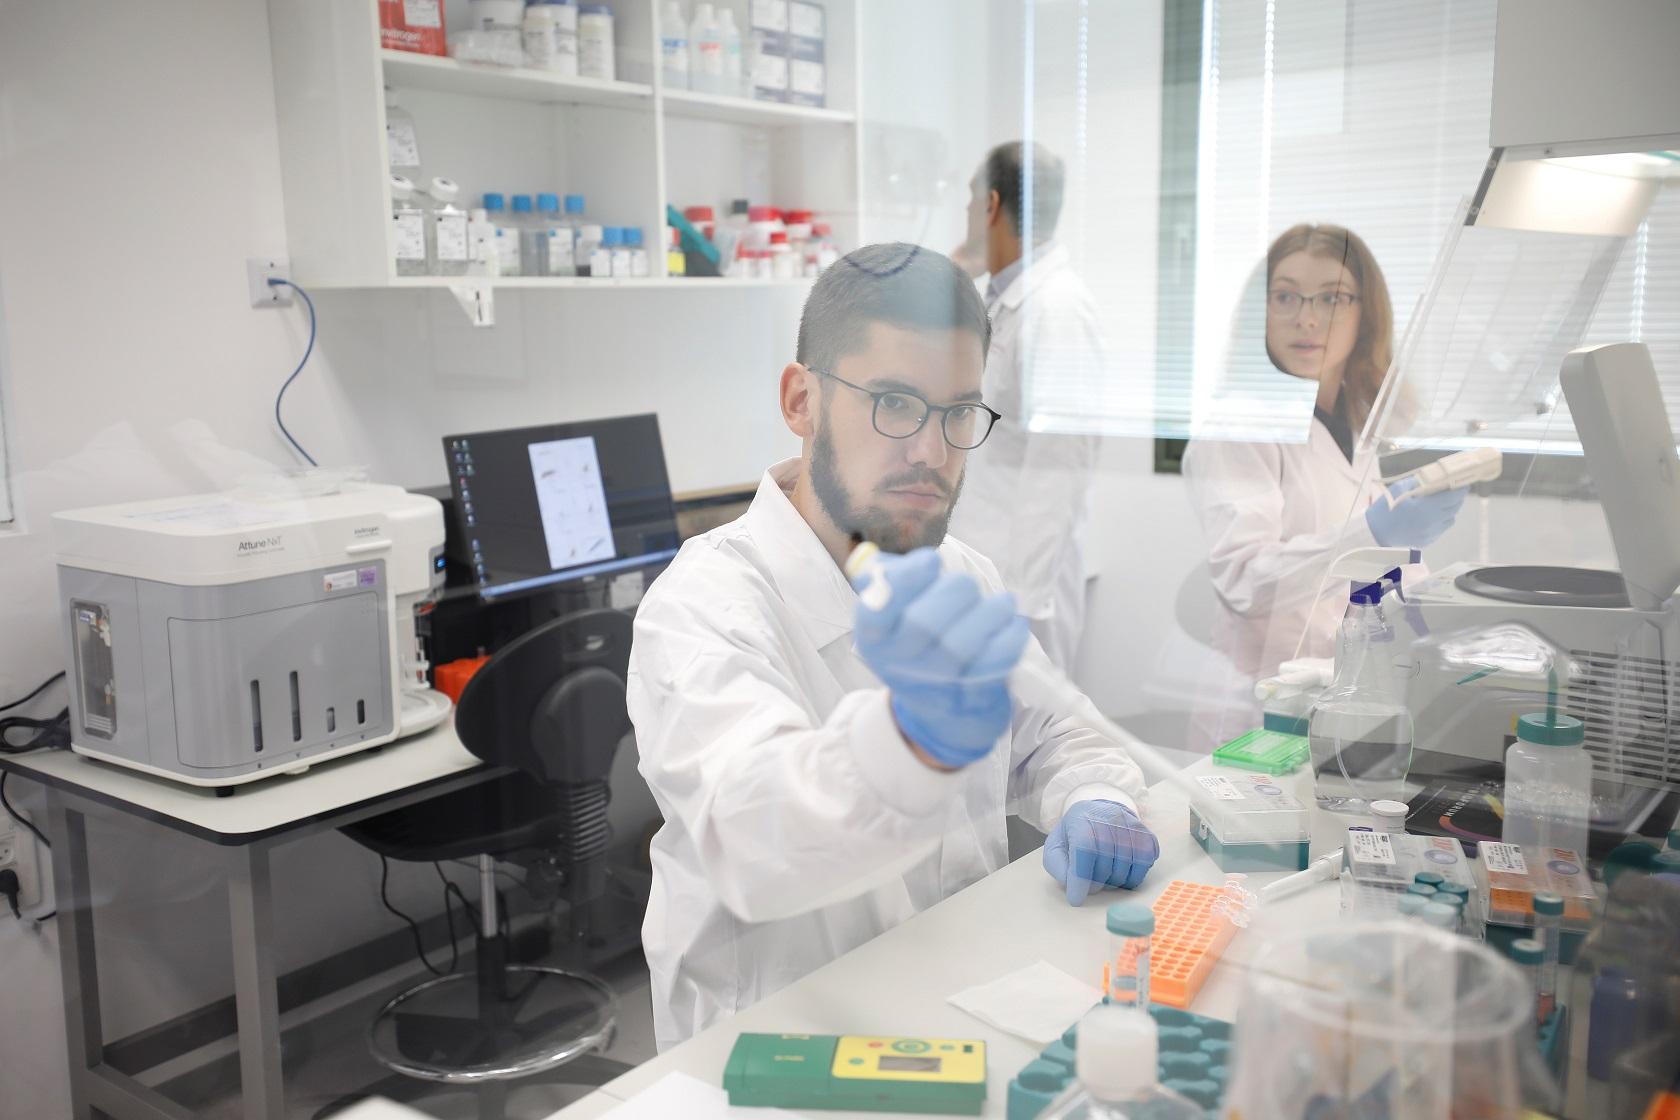 Các nhân viên nuôi thịt bò nhân tạo trong phòng thí nghiệm của Aleph Farms.